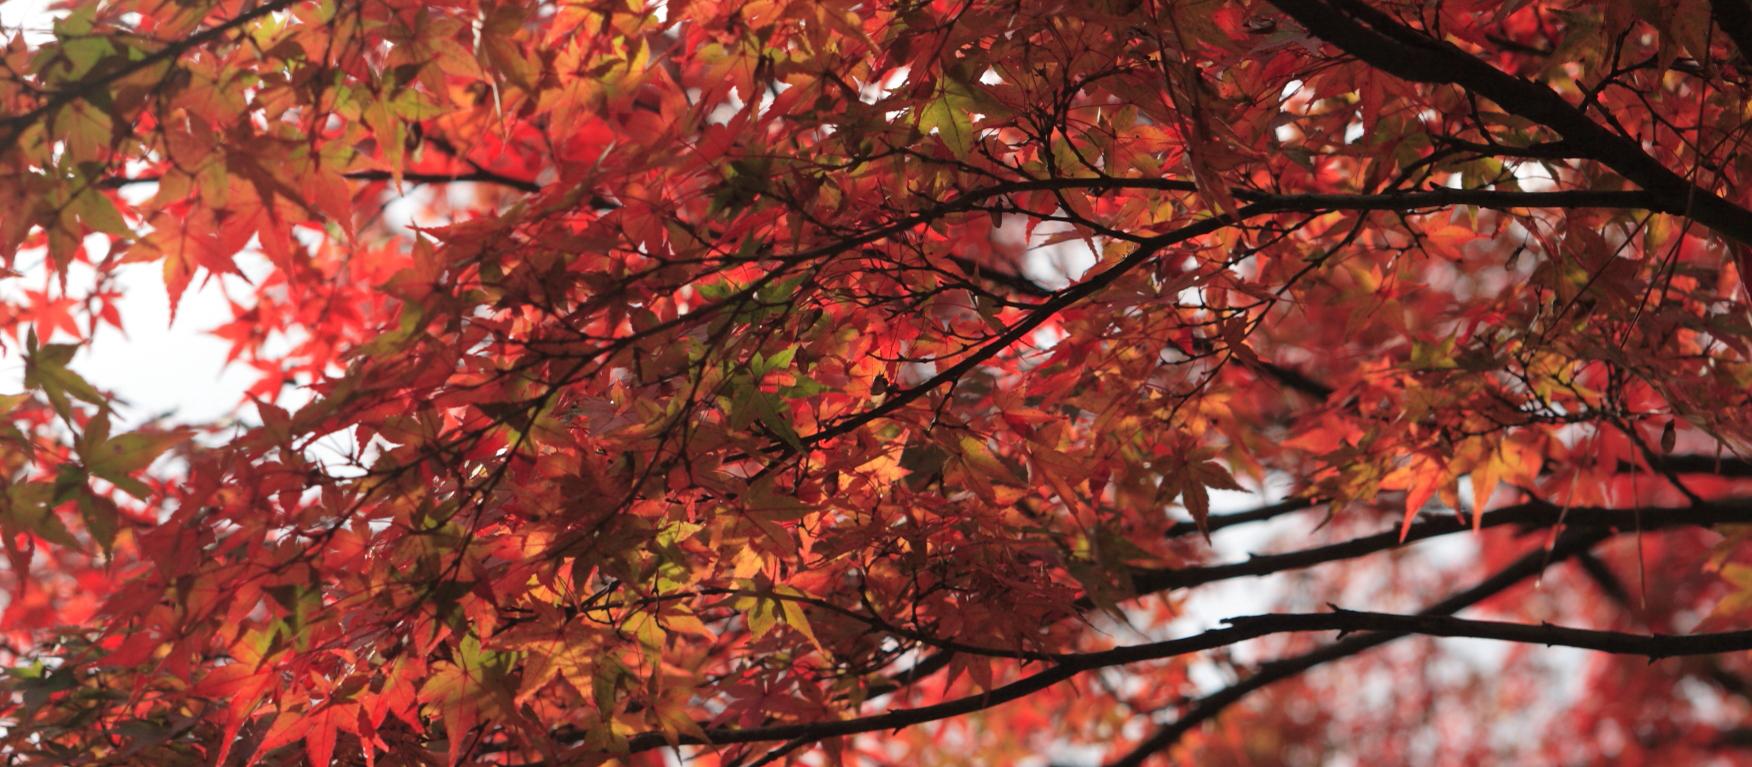 Serene Experiences in Autumn